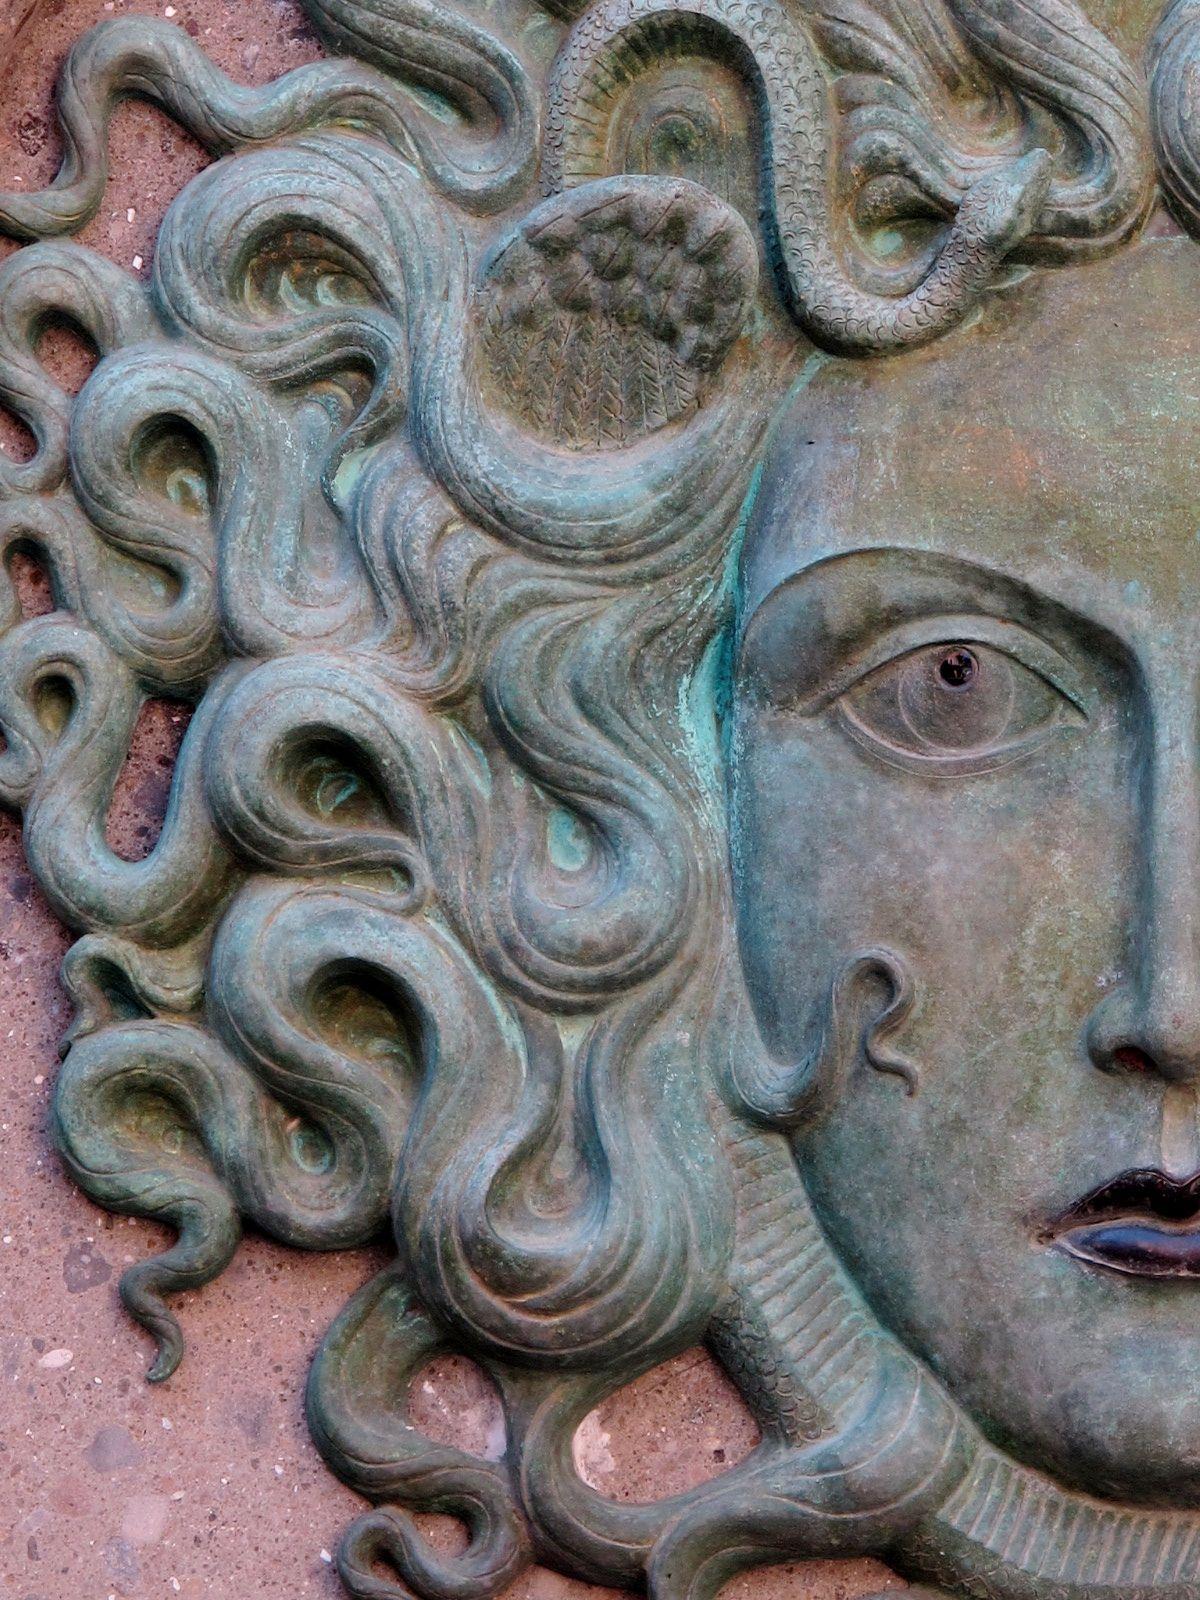 Medusa | Flickr - Photo Sharing!